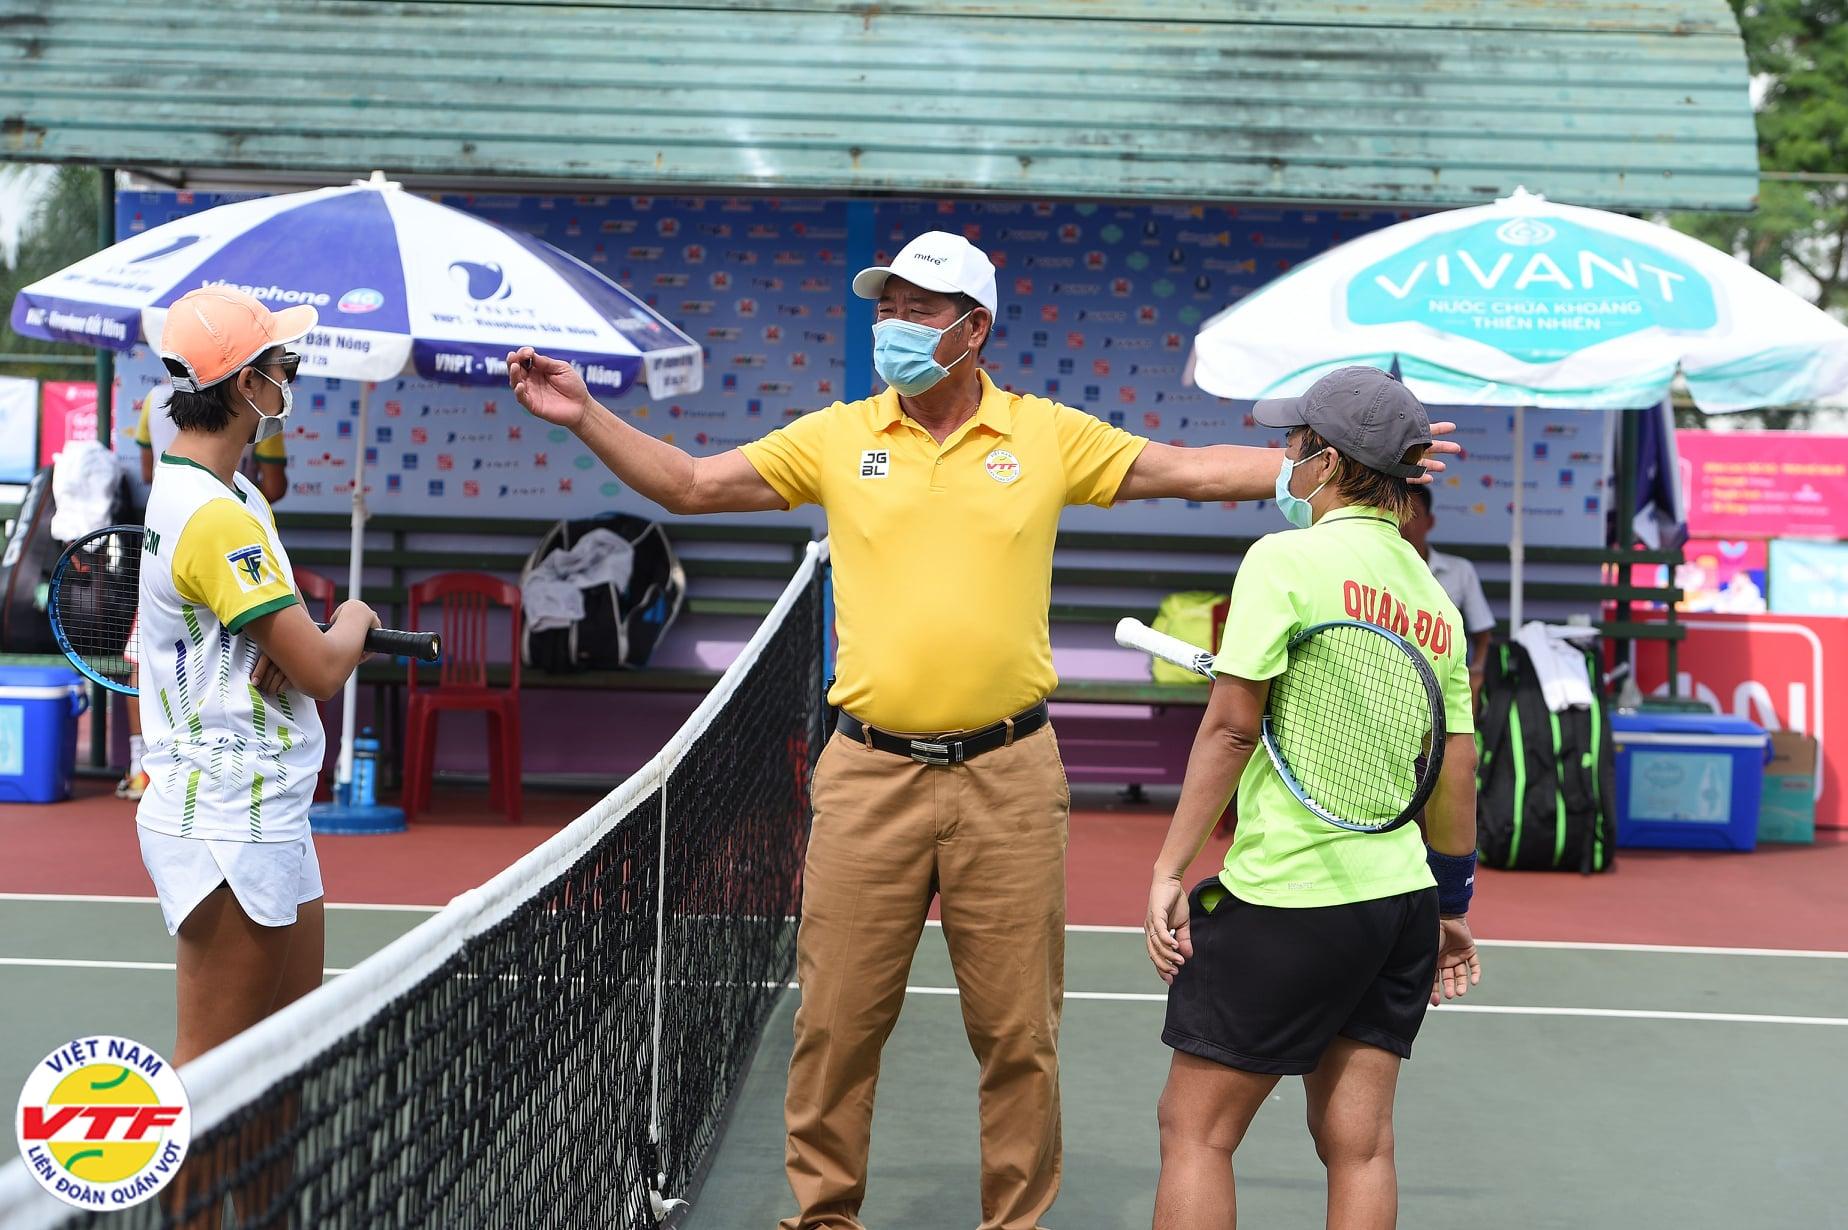 Hình ảnh: Nữ Hưng Thịnh TP.HCM đăng quang Giải quần vợt vô địch đồng đội Quốc gia 2021 số 1